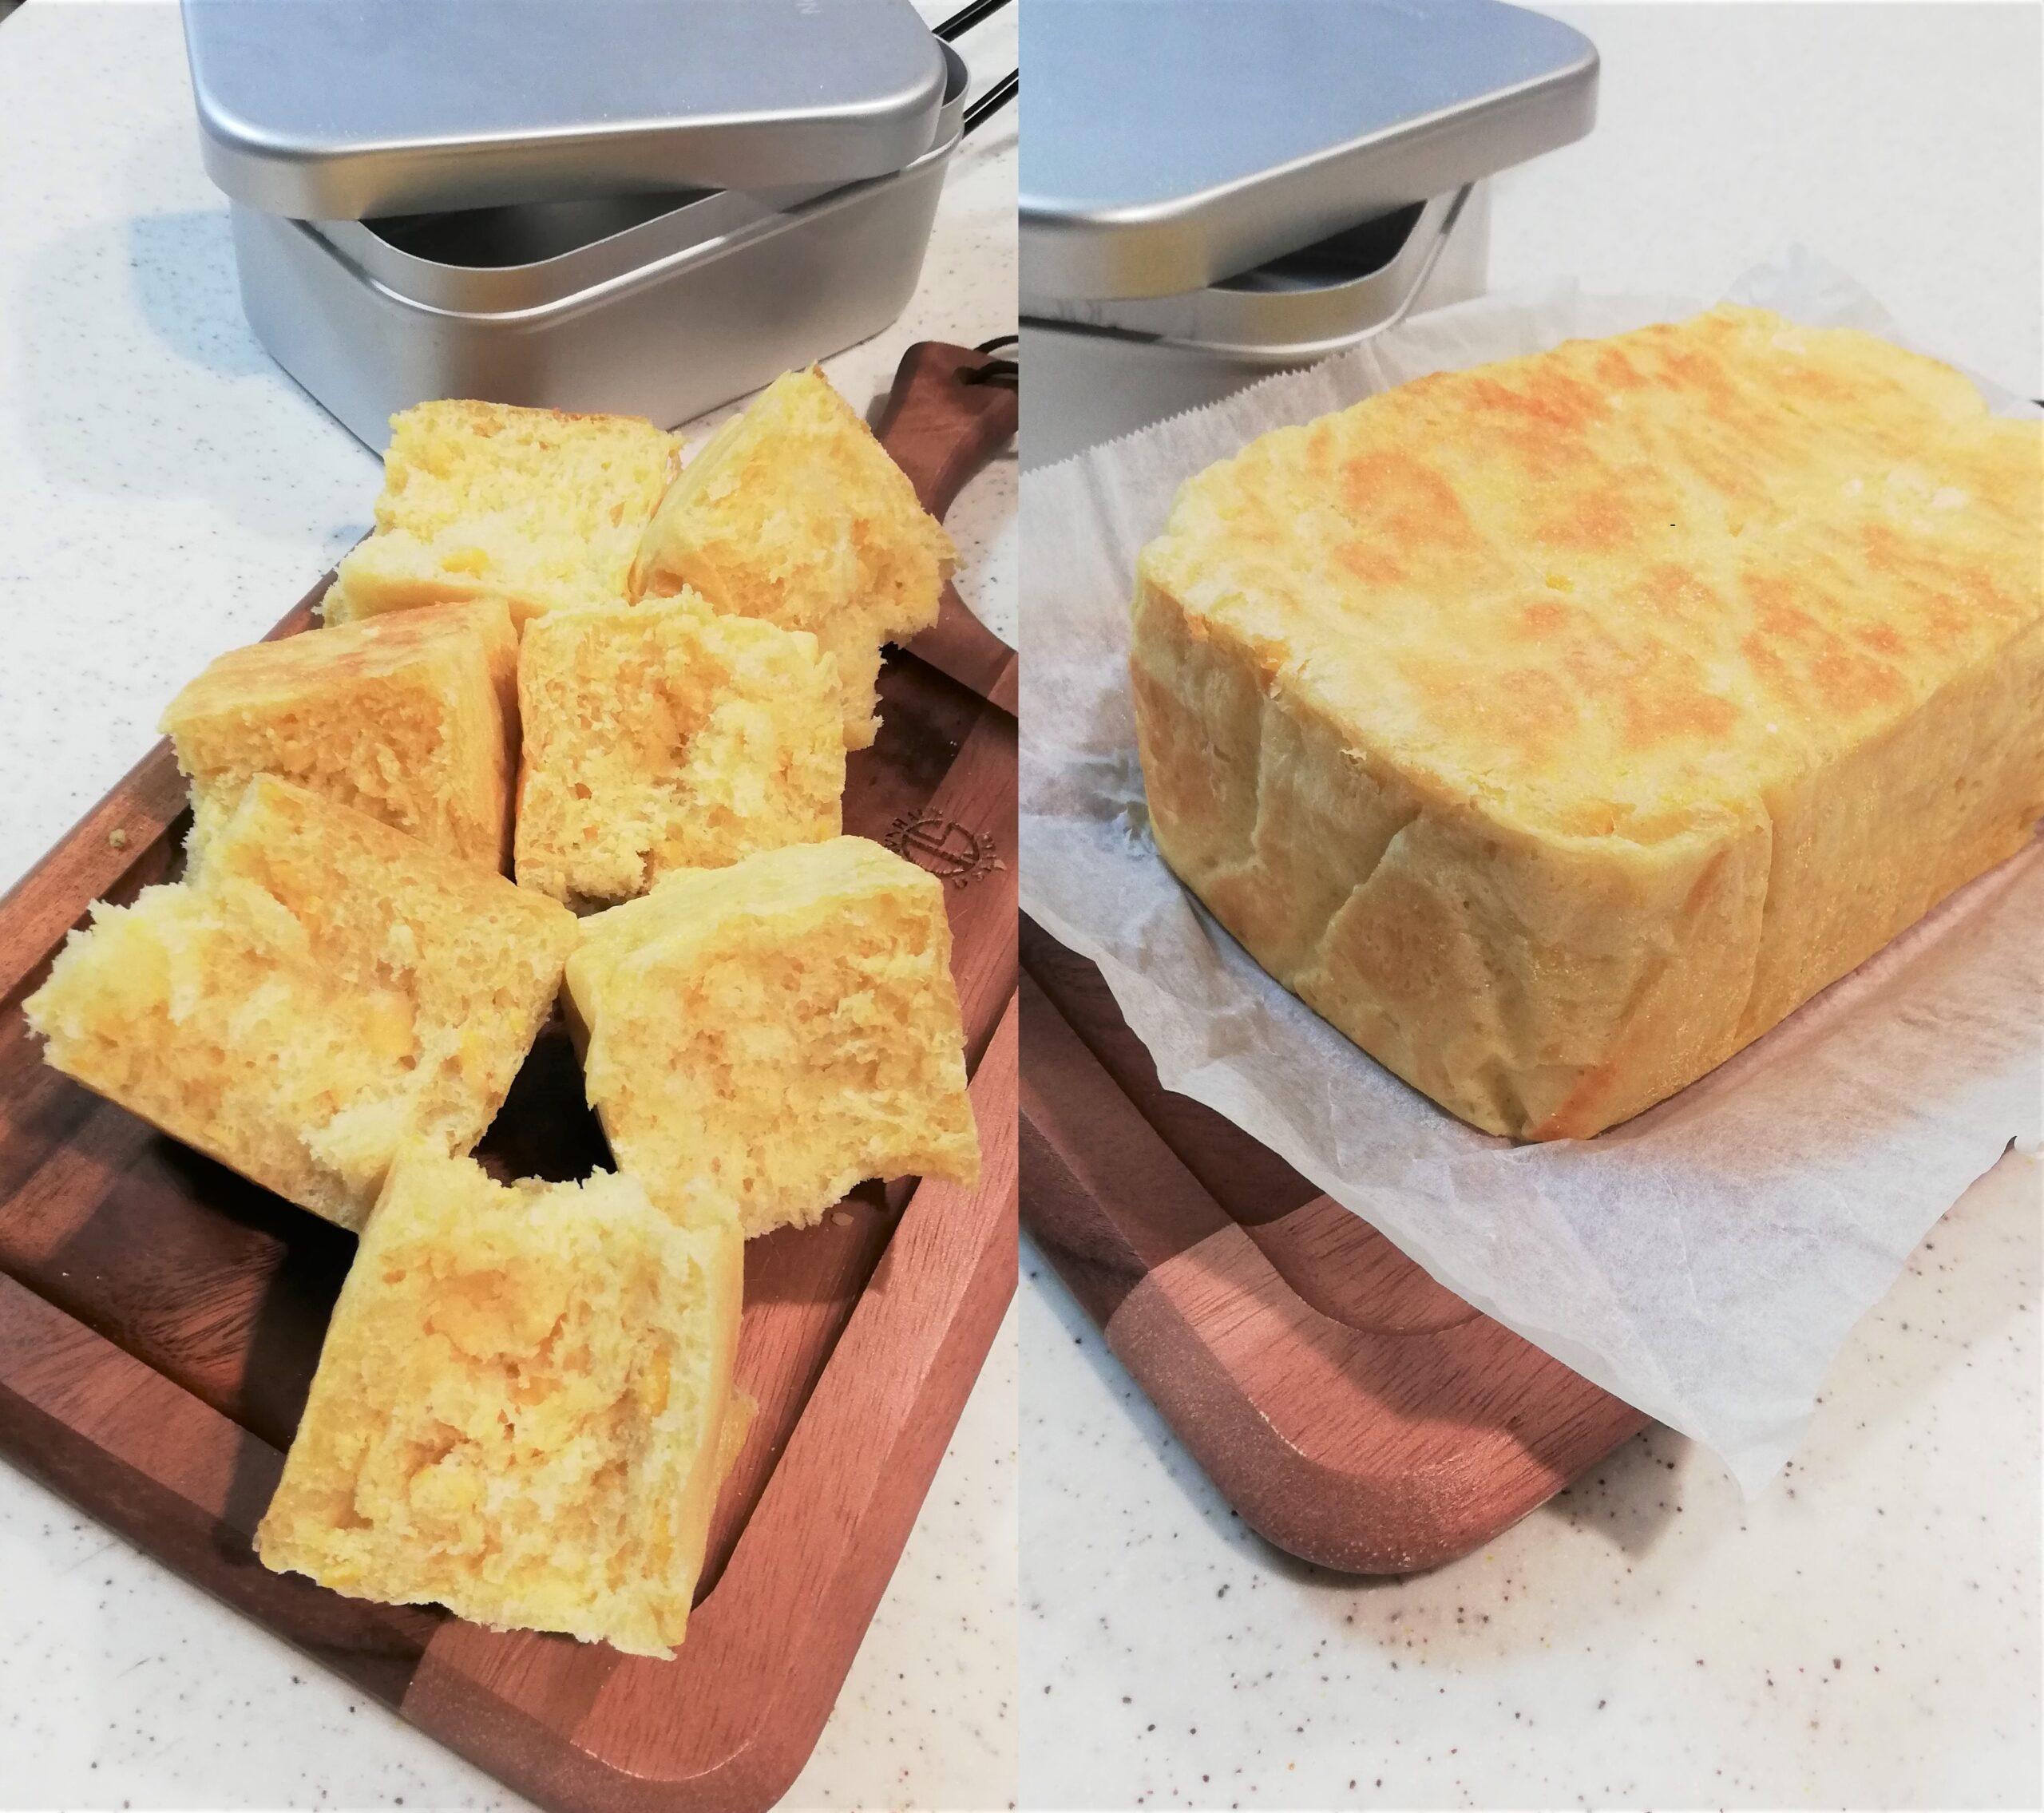 【メスティンパン】コストコ風のコーンパンを焼こう! 作り方を紹介します